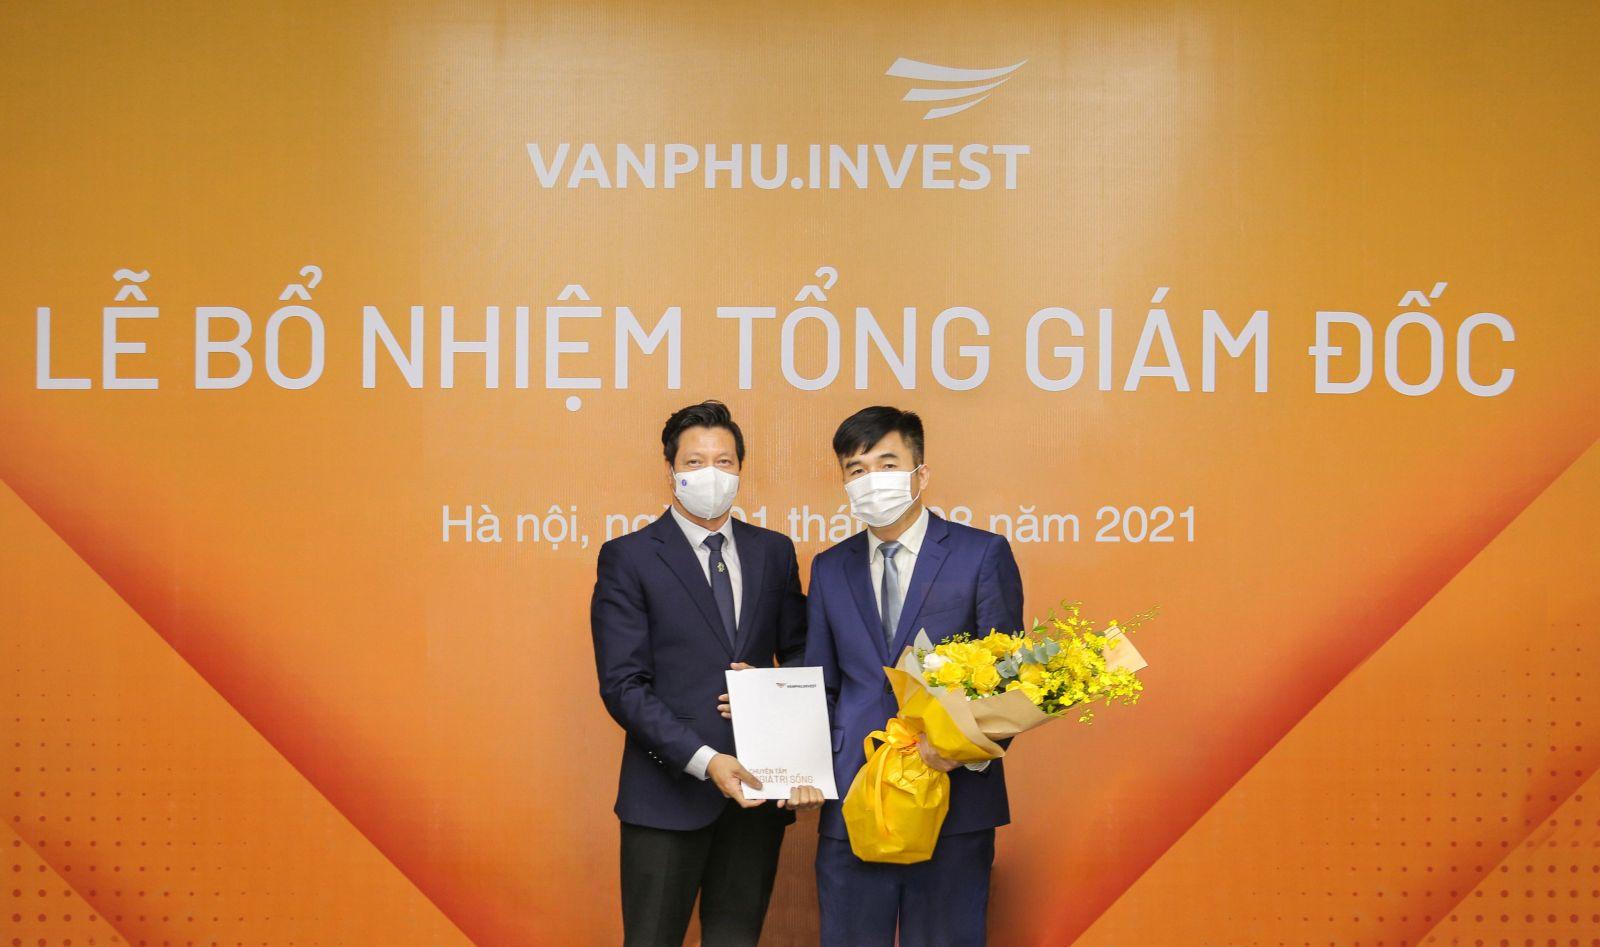 Ông Triệu Hữu Đại nhận quyết định bổ nhiệm Tổng giám đốc Công ty Cổ phần đầu tư Văn Phú – Invest